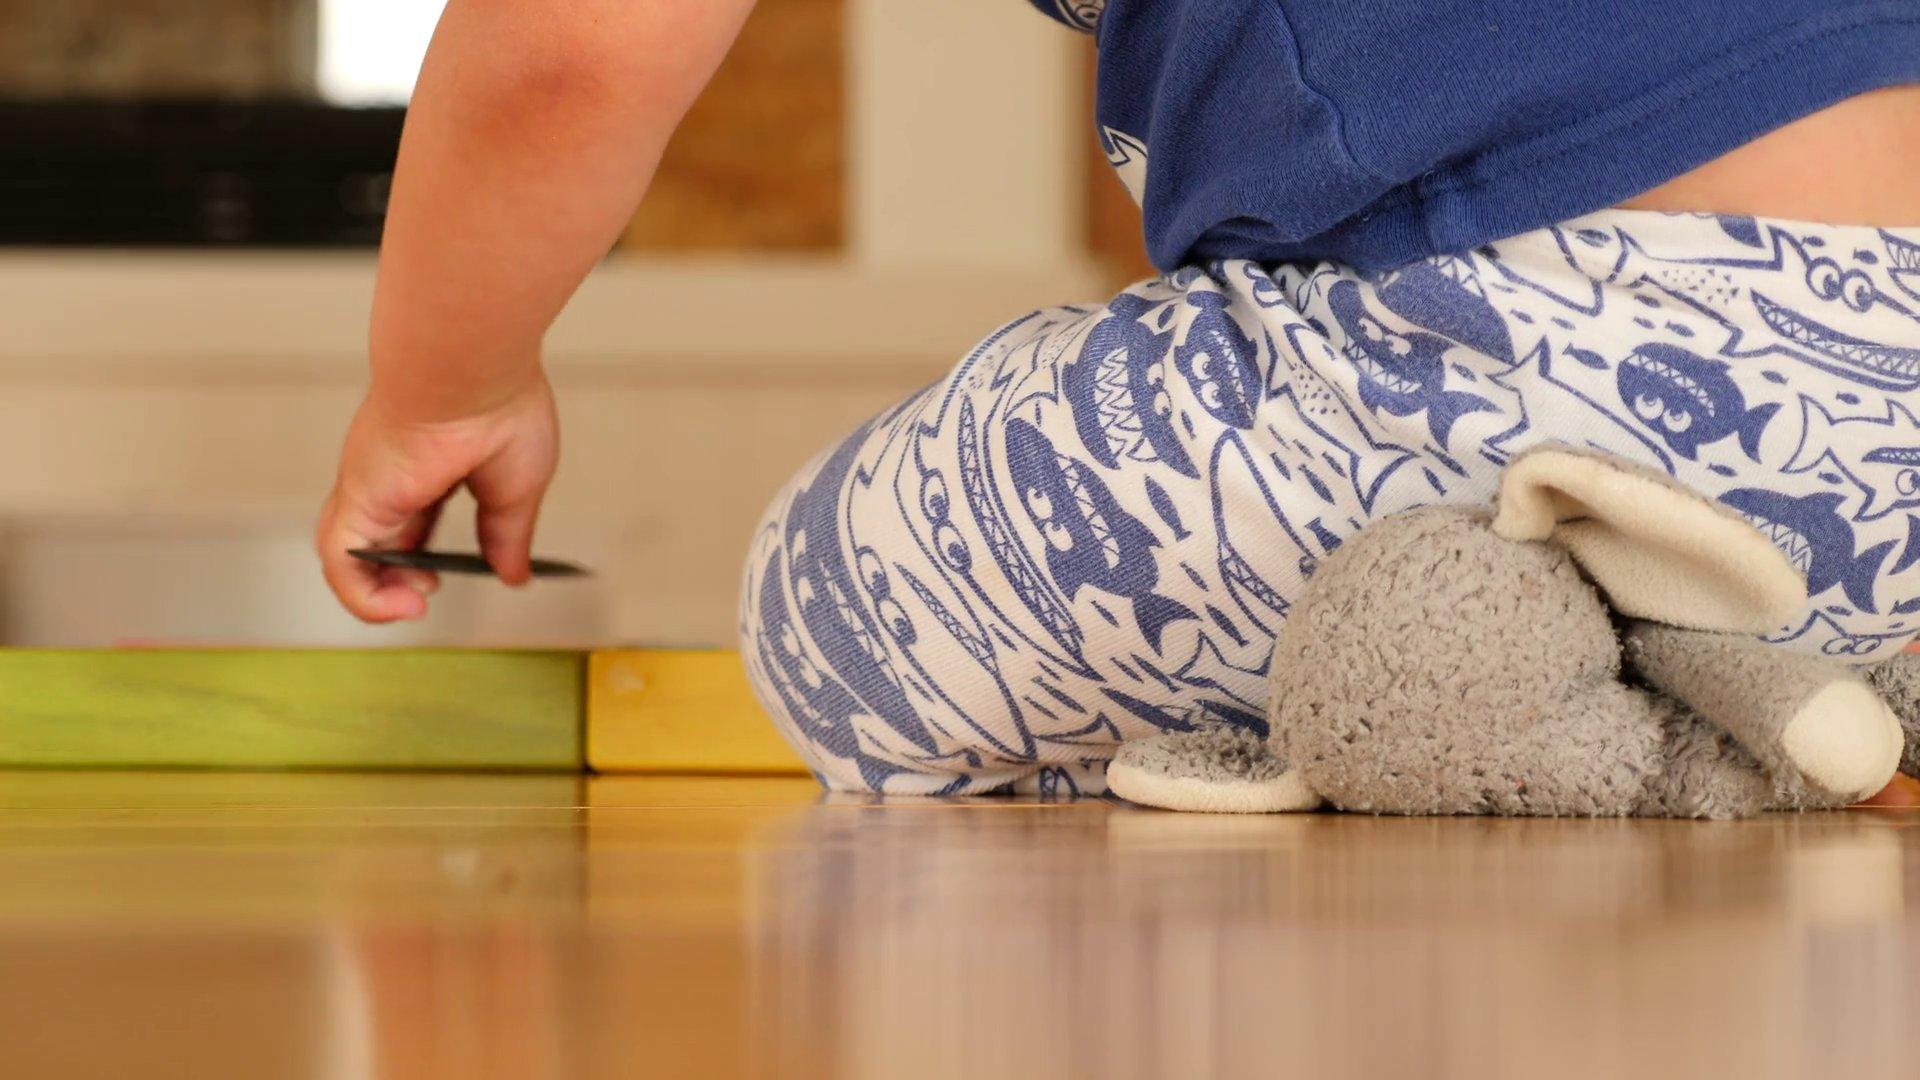 videoblocks cute toddler boy playing with blocks in home in pajamas hp2x5ahhf thumbnail full01.png?resize=300,169 - Por que as vezes, algumas crianças entre 3 a 10 anos sentem muita dor nas pernas? Veja motivo: